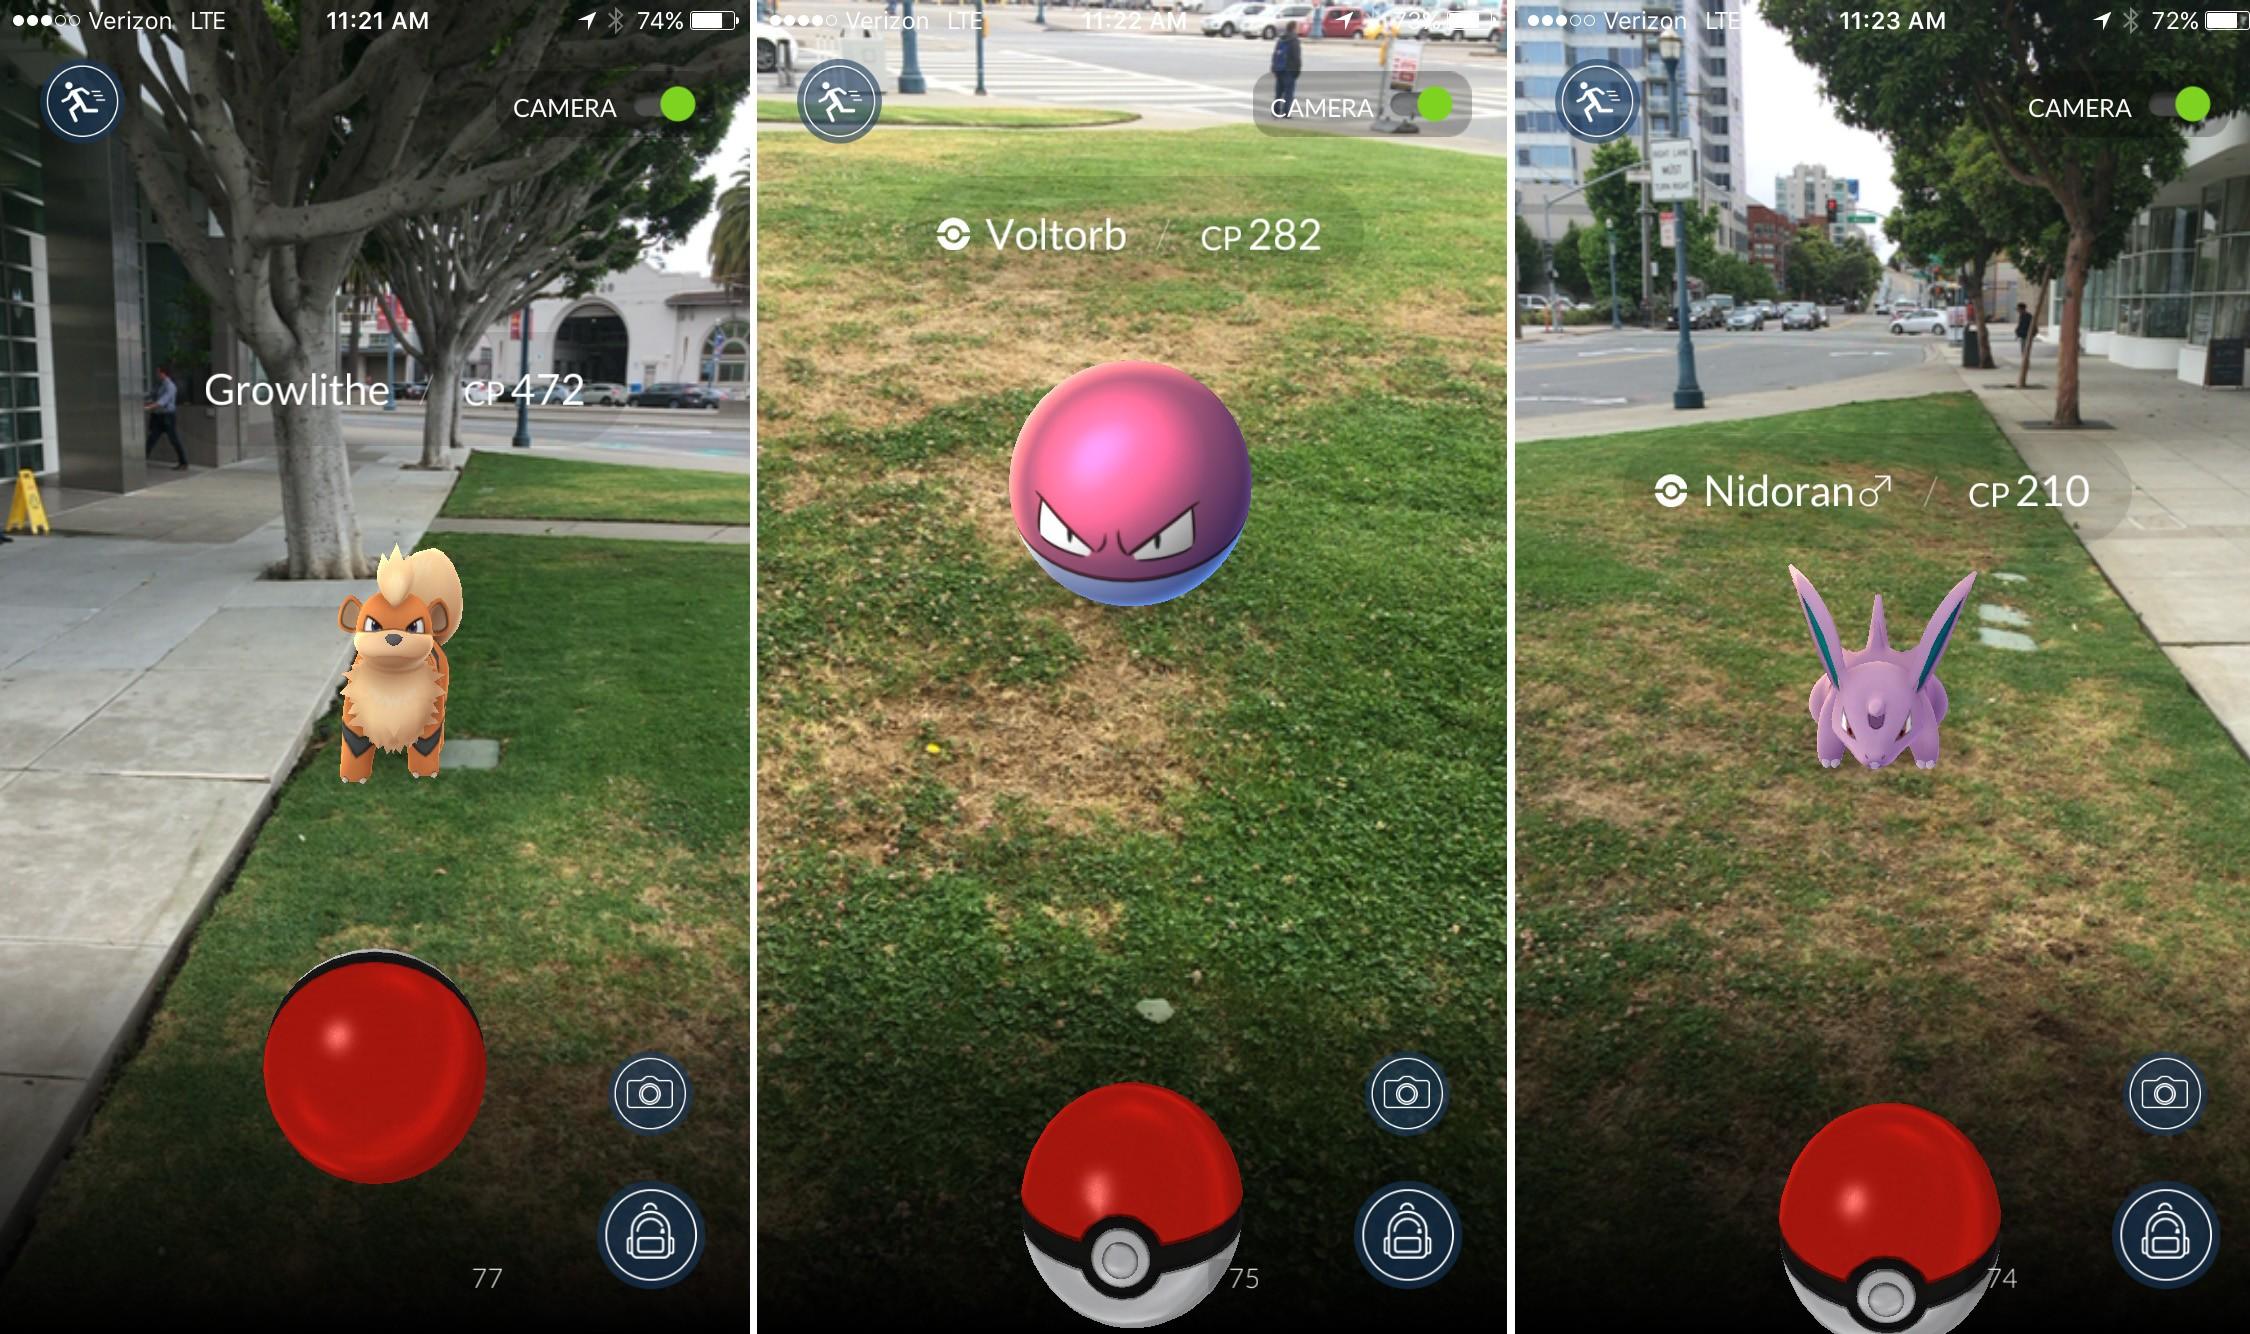 É assim que você captura um Pokémon no game (Foto: Reprodução)